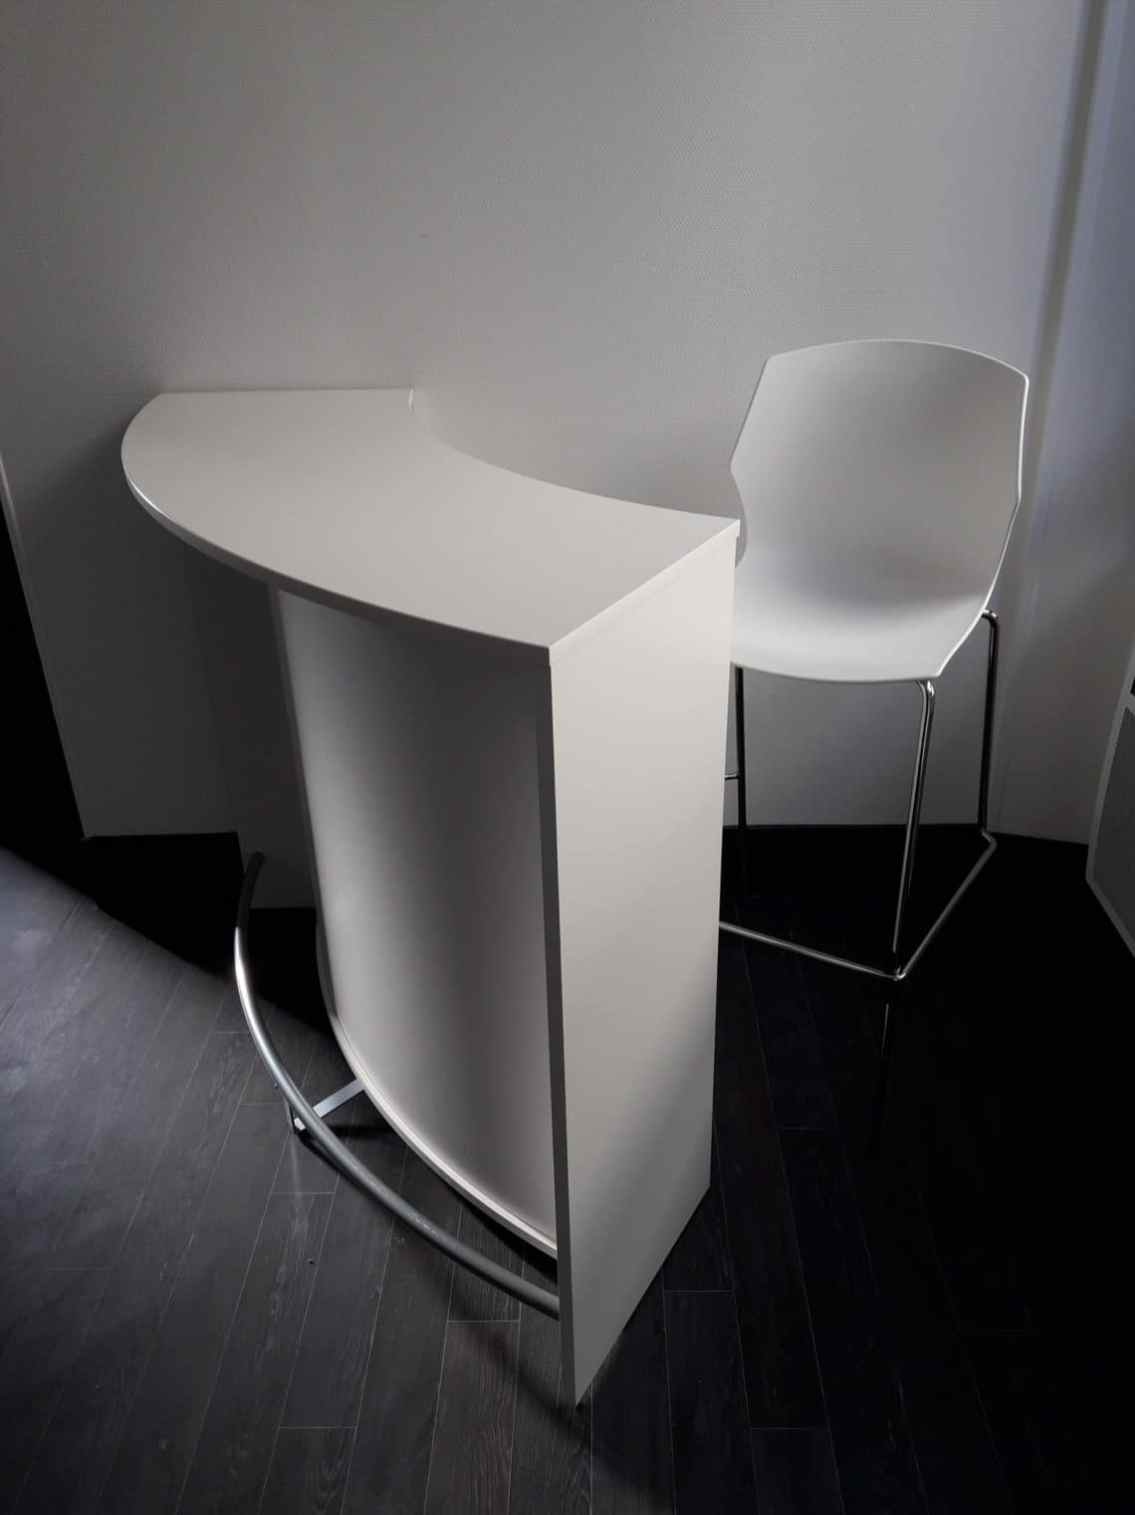 Siège haut MyFrill coloris blanc destiné à l'accueil du comité d'entreprise